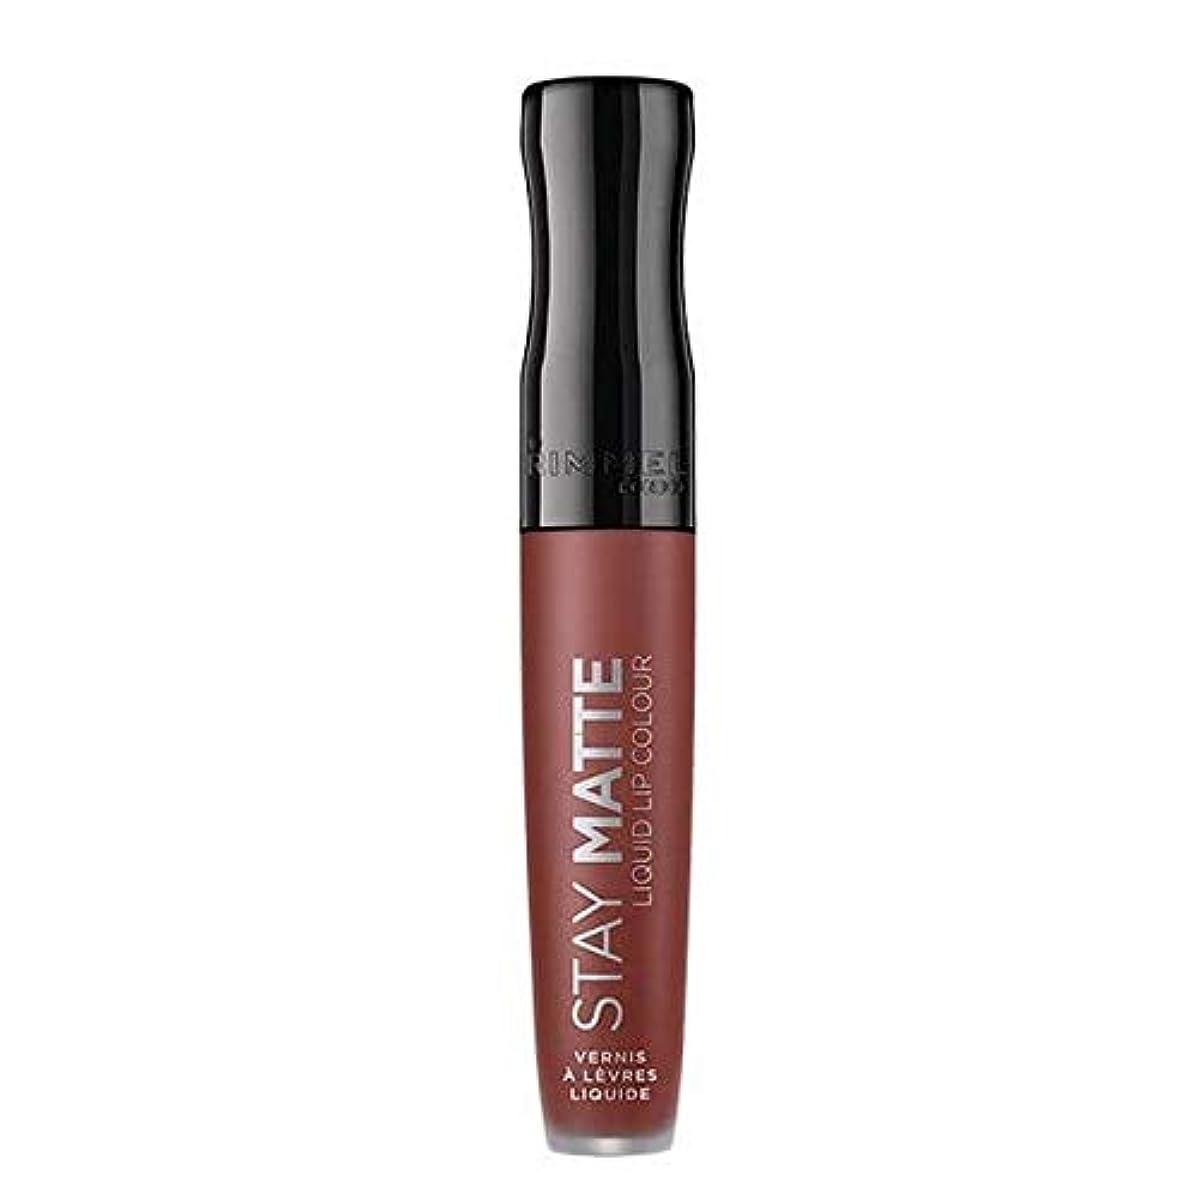 結核下着量[Rimmel ] リンメルステイマット液体リップ口紅のトラブル - Rimmel Stay Matte Liquid Lip Lipstick Troublemaker [並行輸入品]